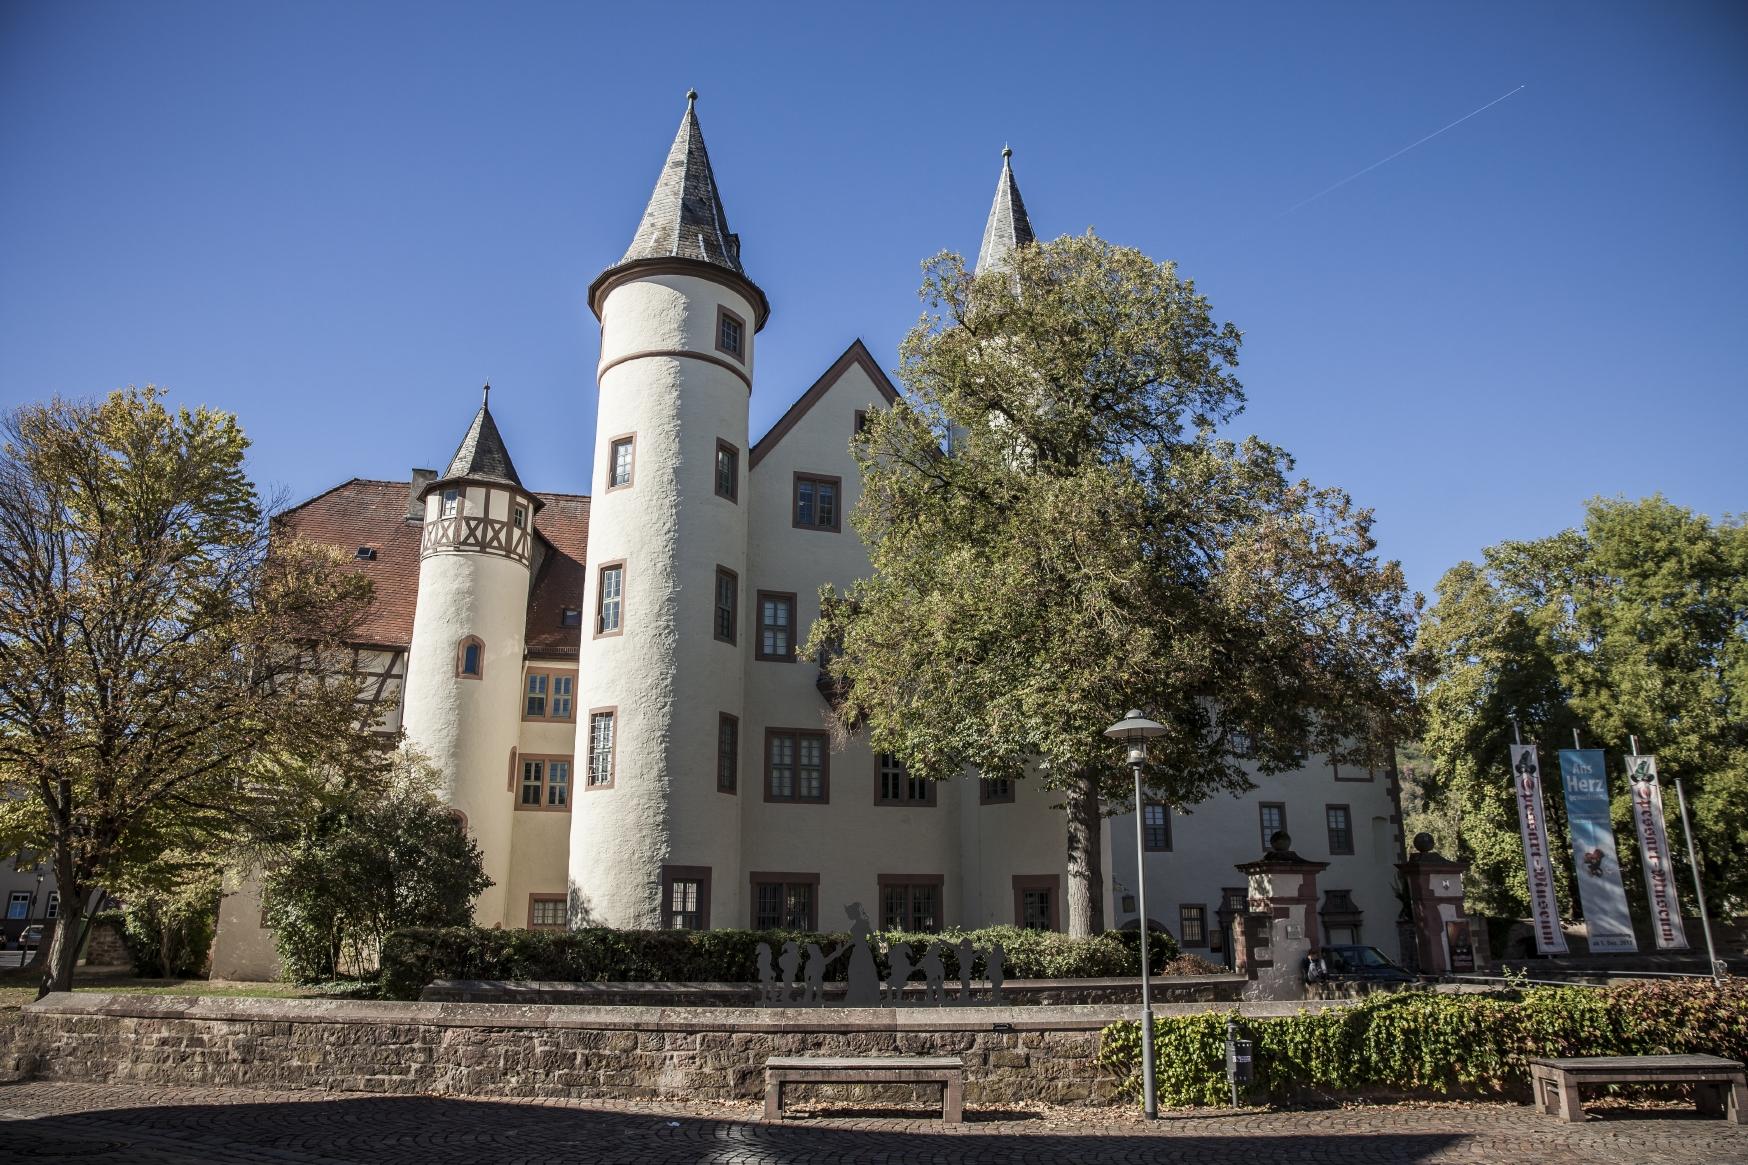 Lohr Schloss